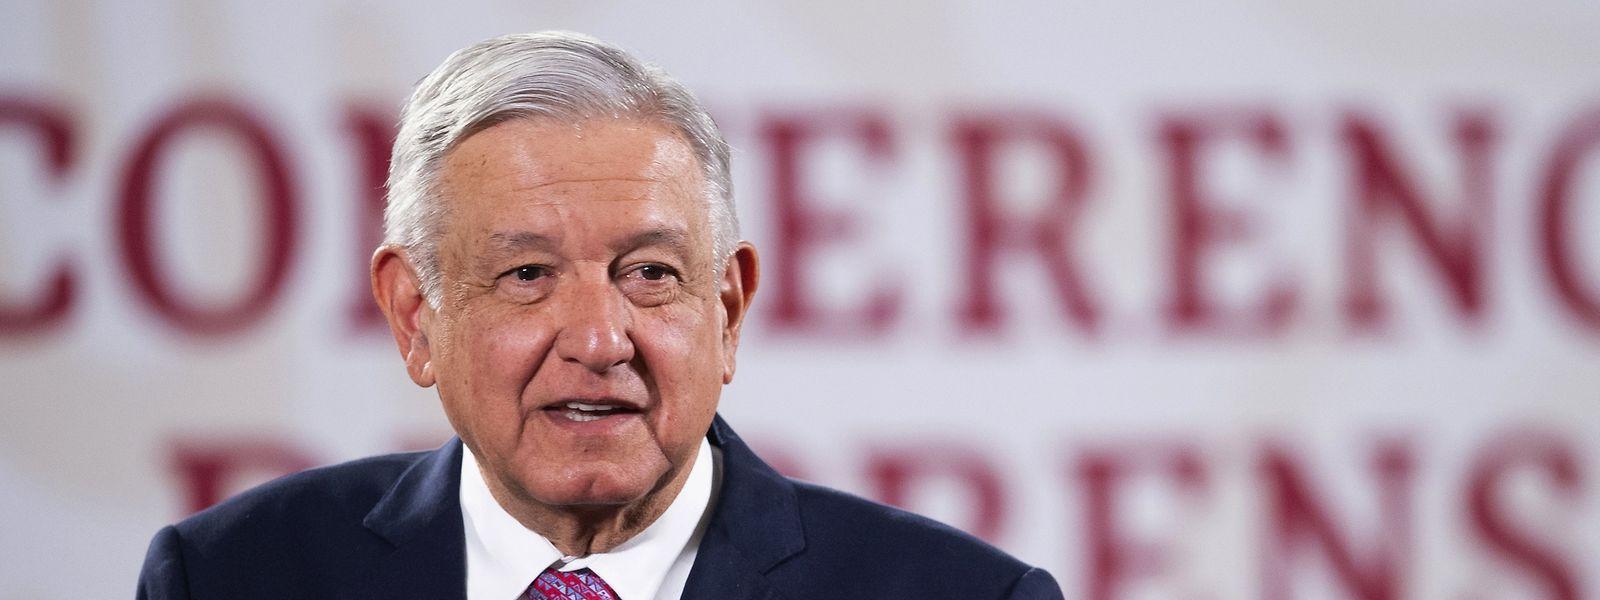 Die erste Auslandsreise des mexikanischen Präsidenten Andres Manuel López Obrador führt ihn zu einem schwierigen Nachbarn: den USA.